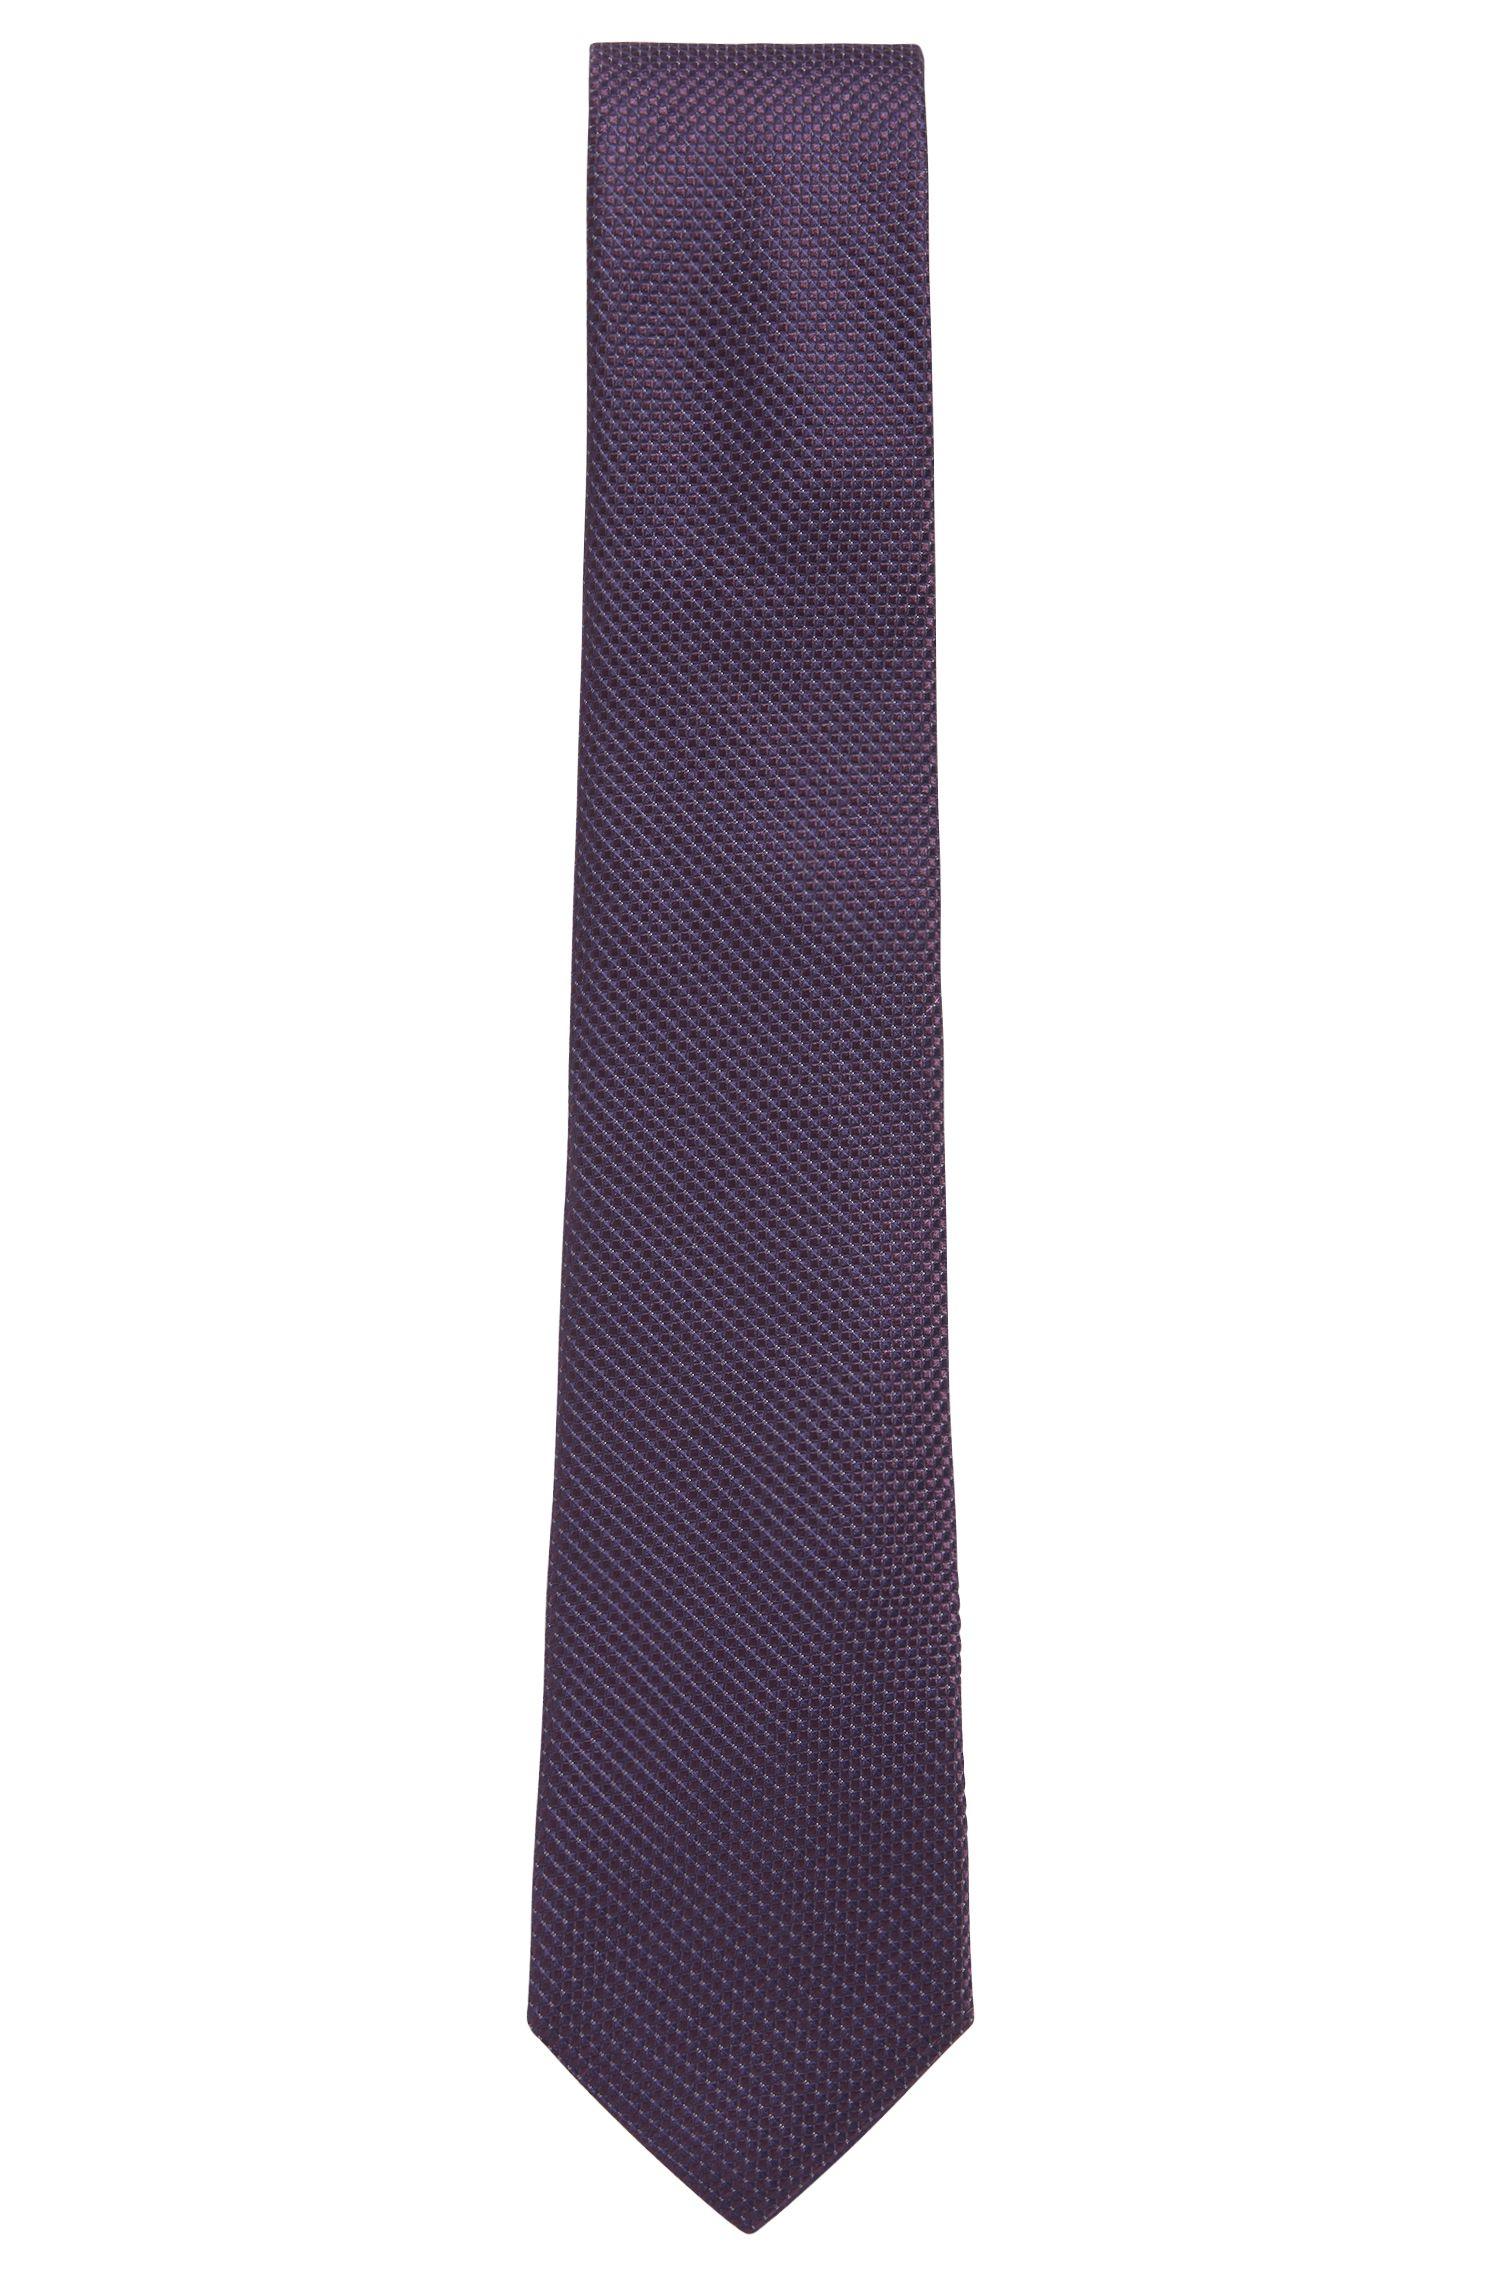 Fein gemusterte Krawatte aus Seiden-Jacquard, Dunkel Lila